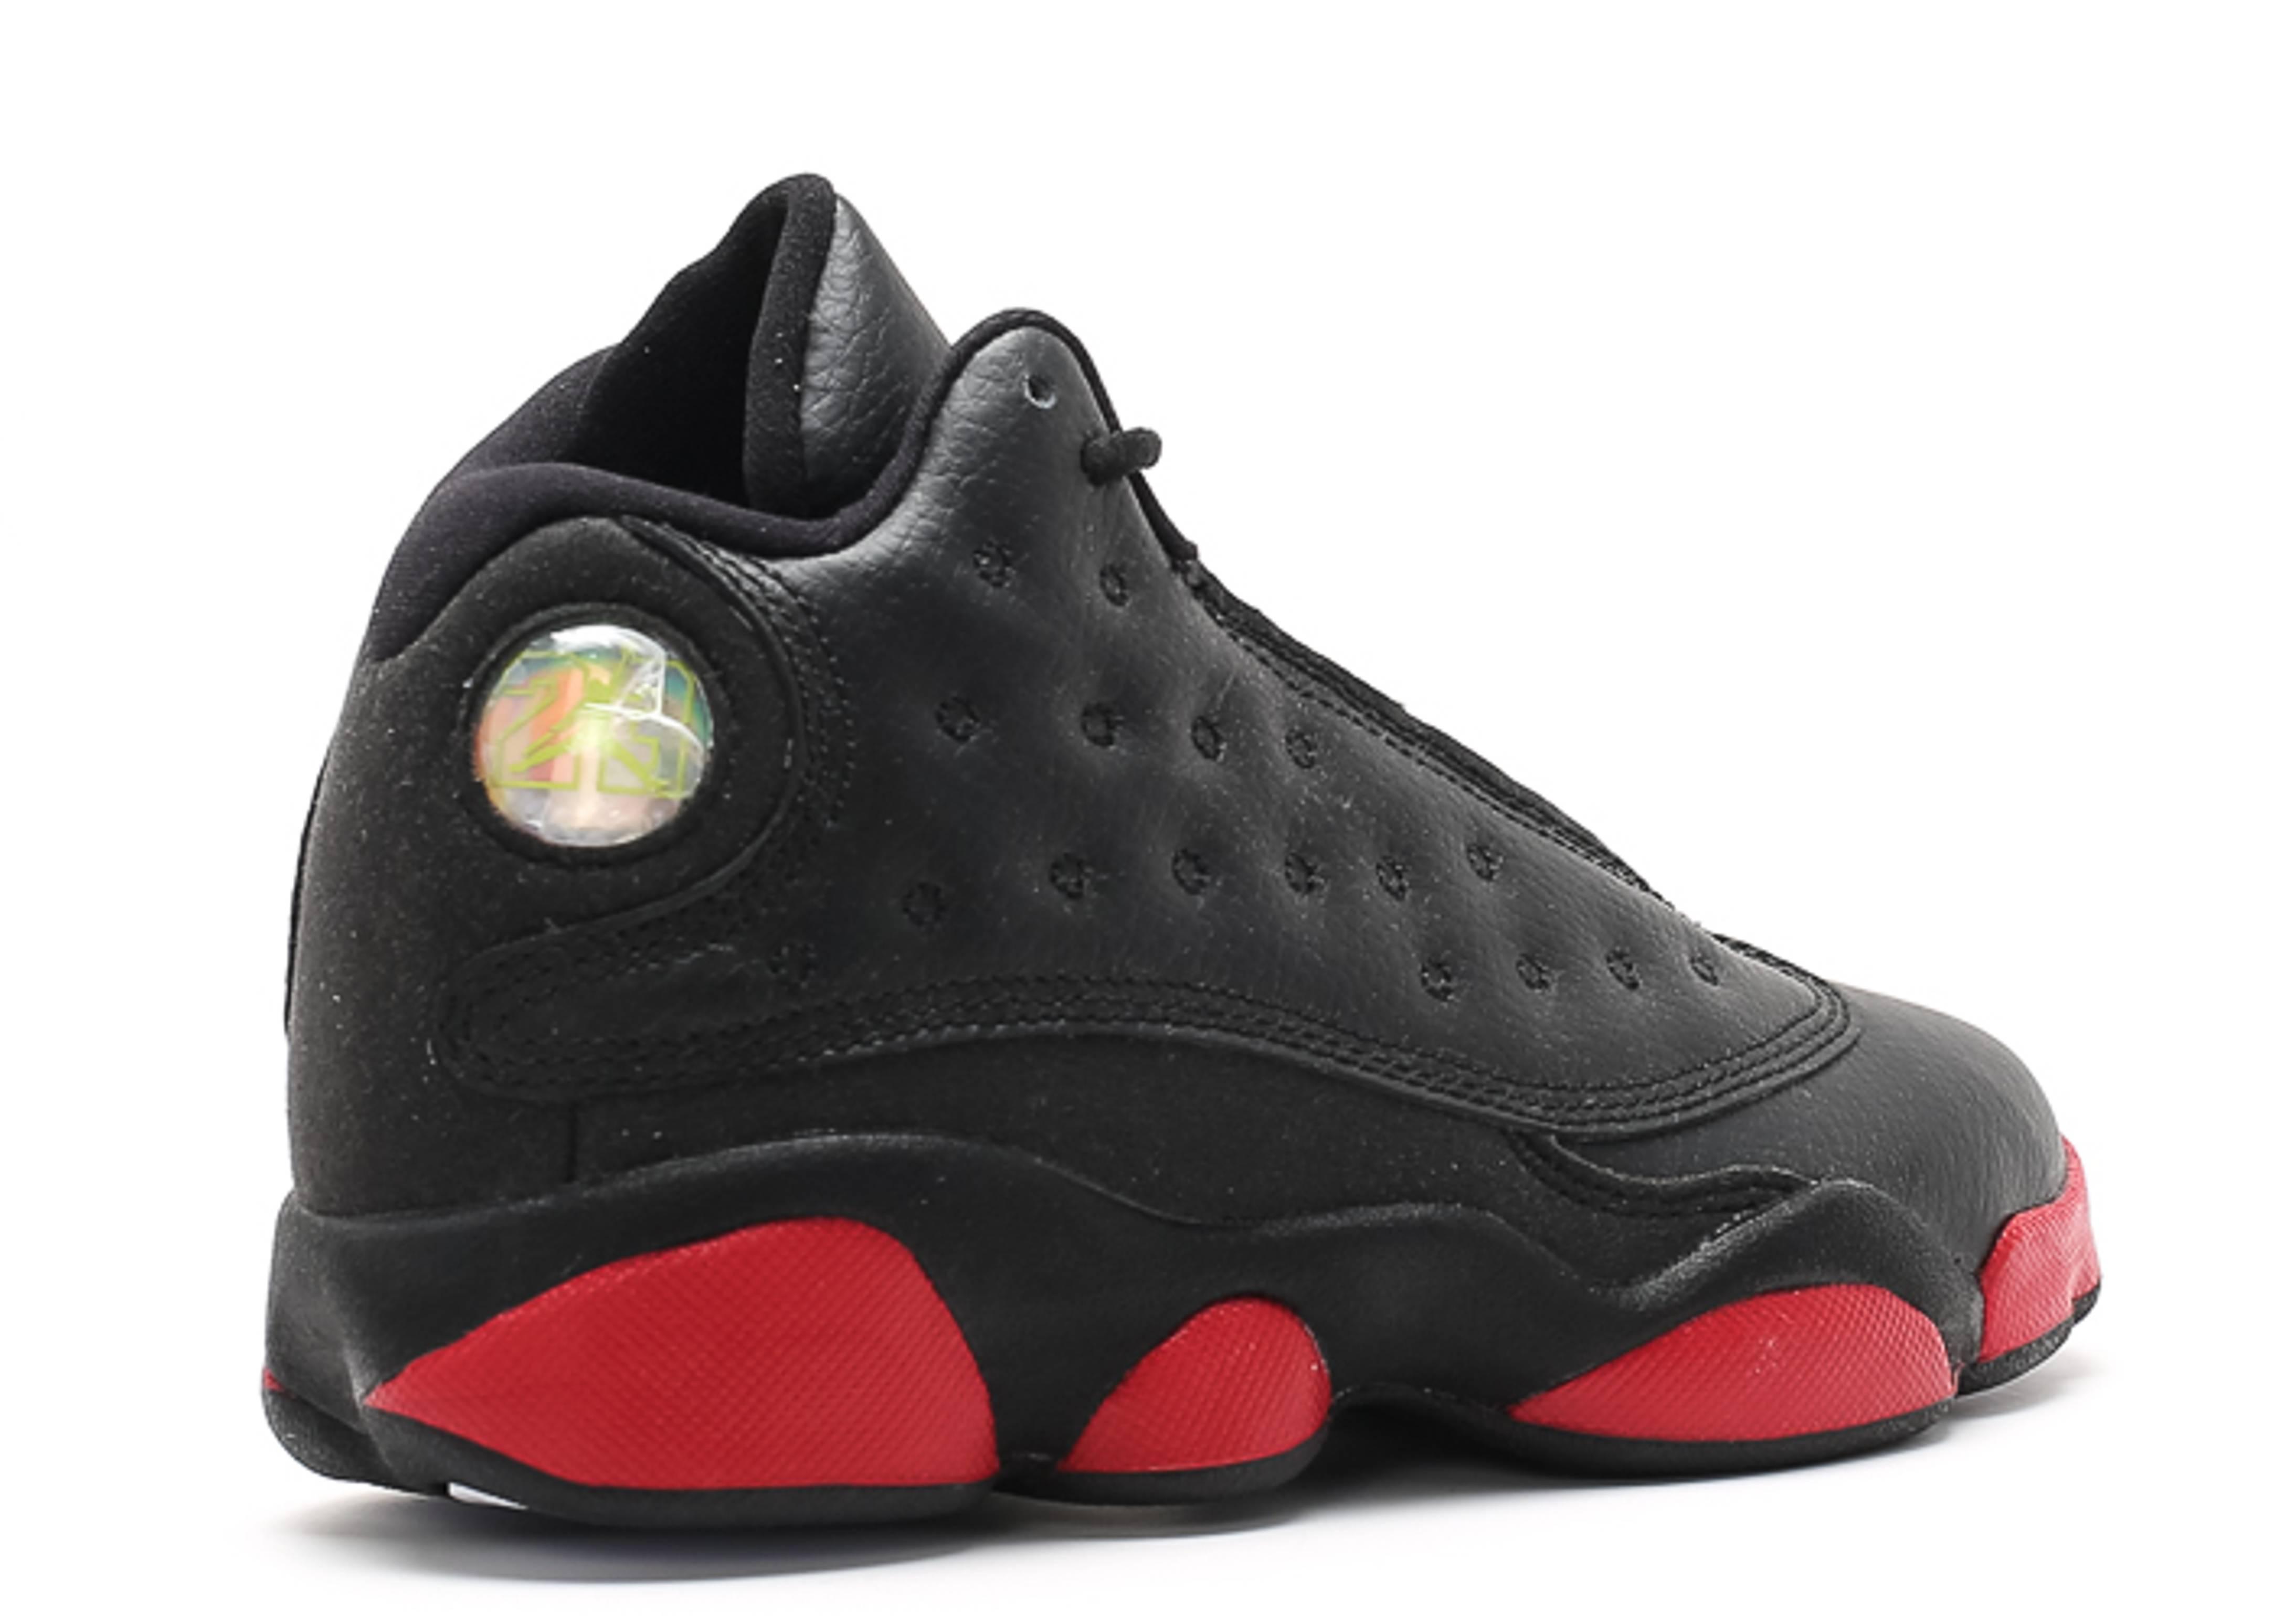 size 40 20d22 e59d1 air max 1 brød guide sneakeronline